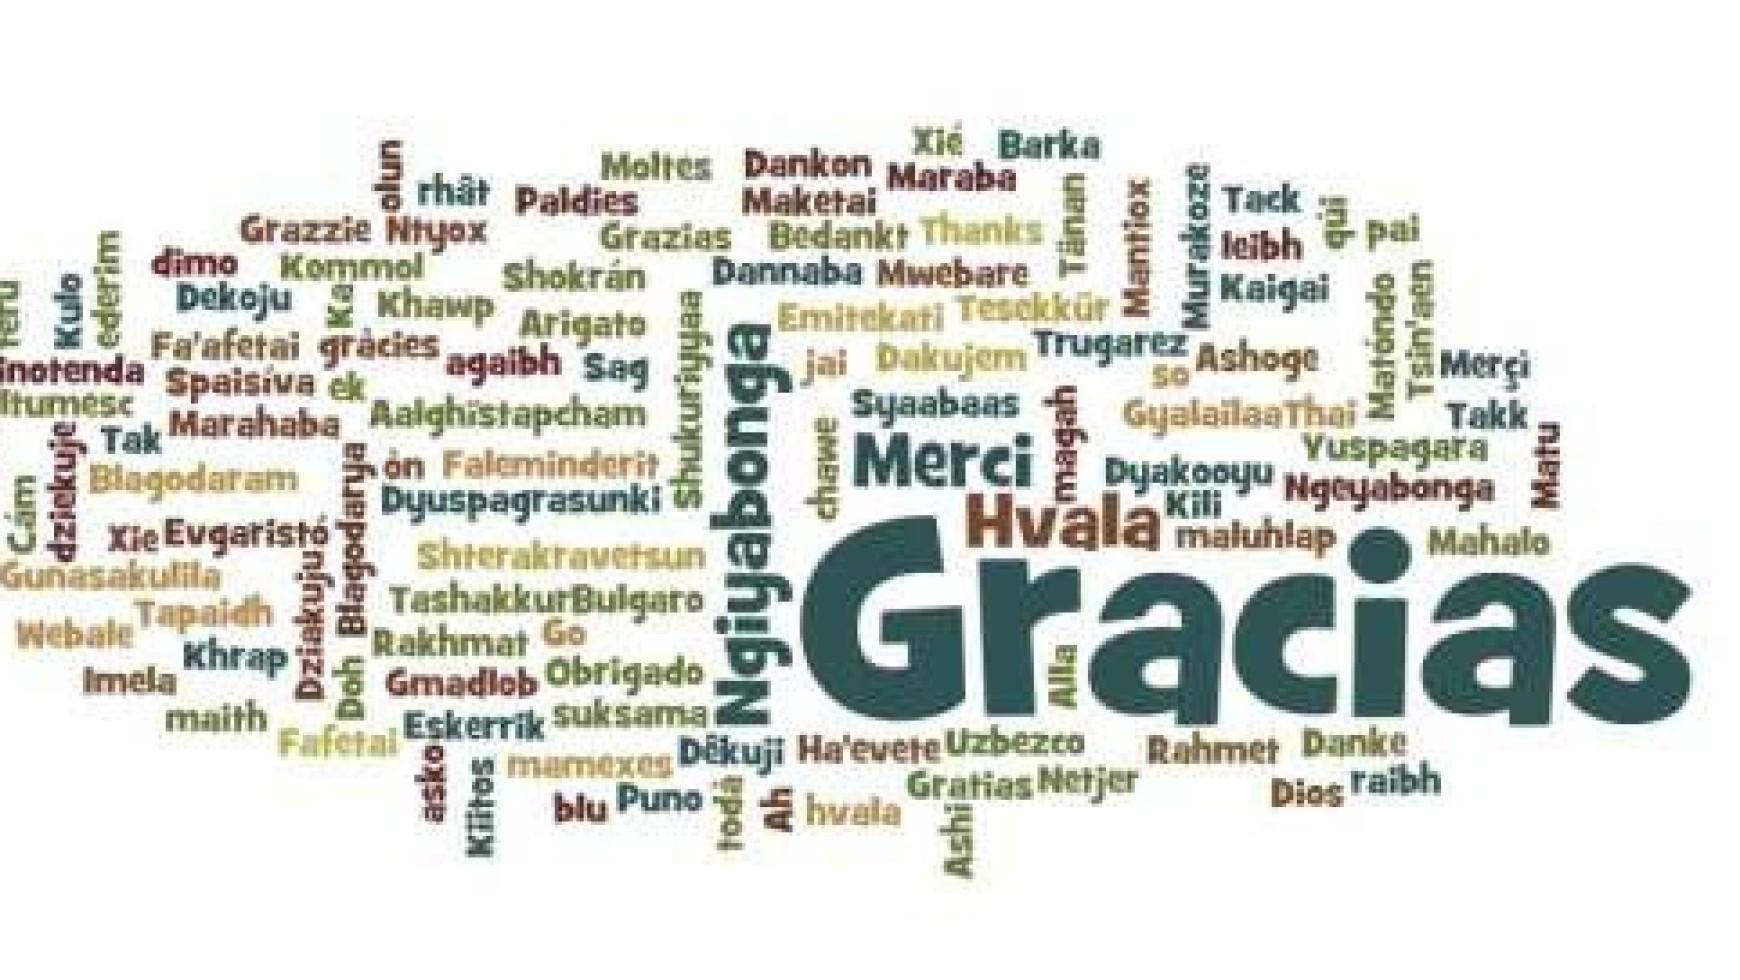 Boletin: Una Fe que no genera en los creyentes alegría y agradecimiento es una Fe enferma escrita (13/10/2013)